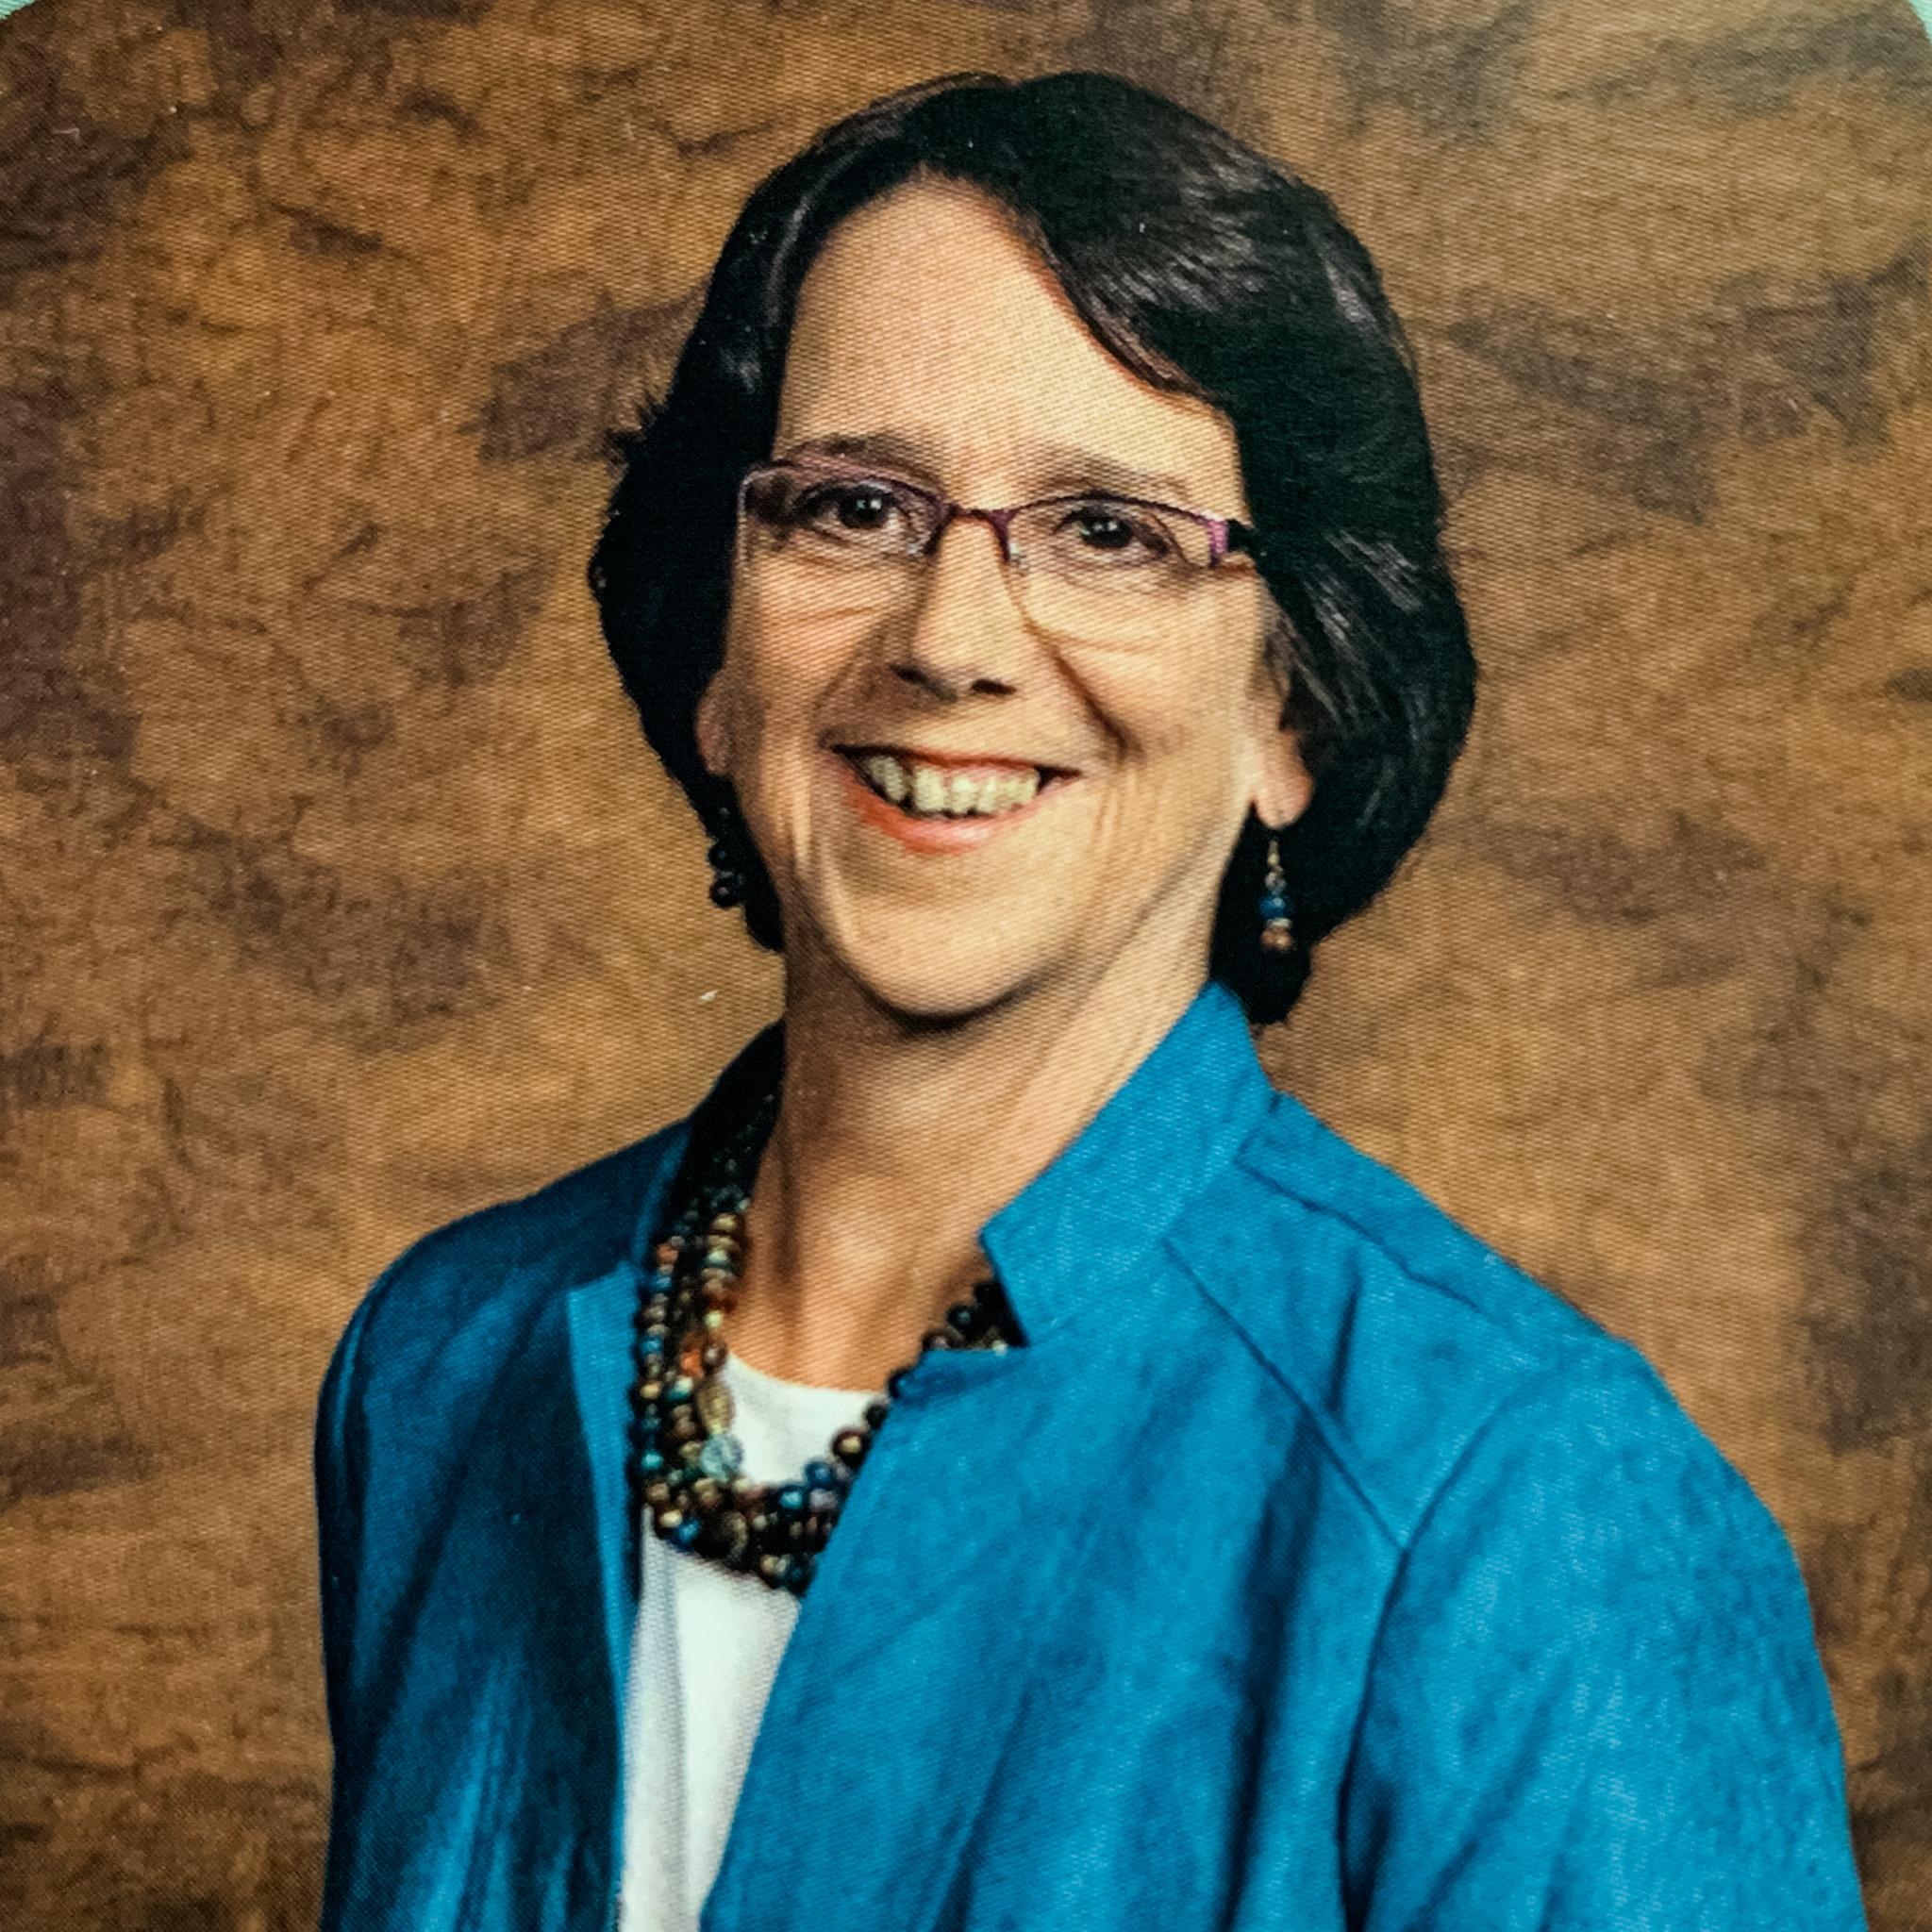 Janice Marotta